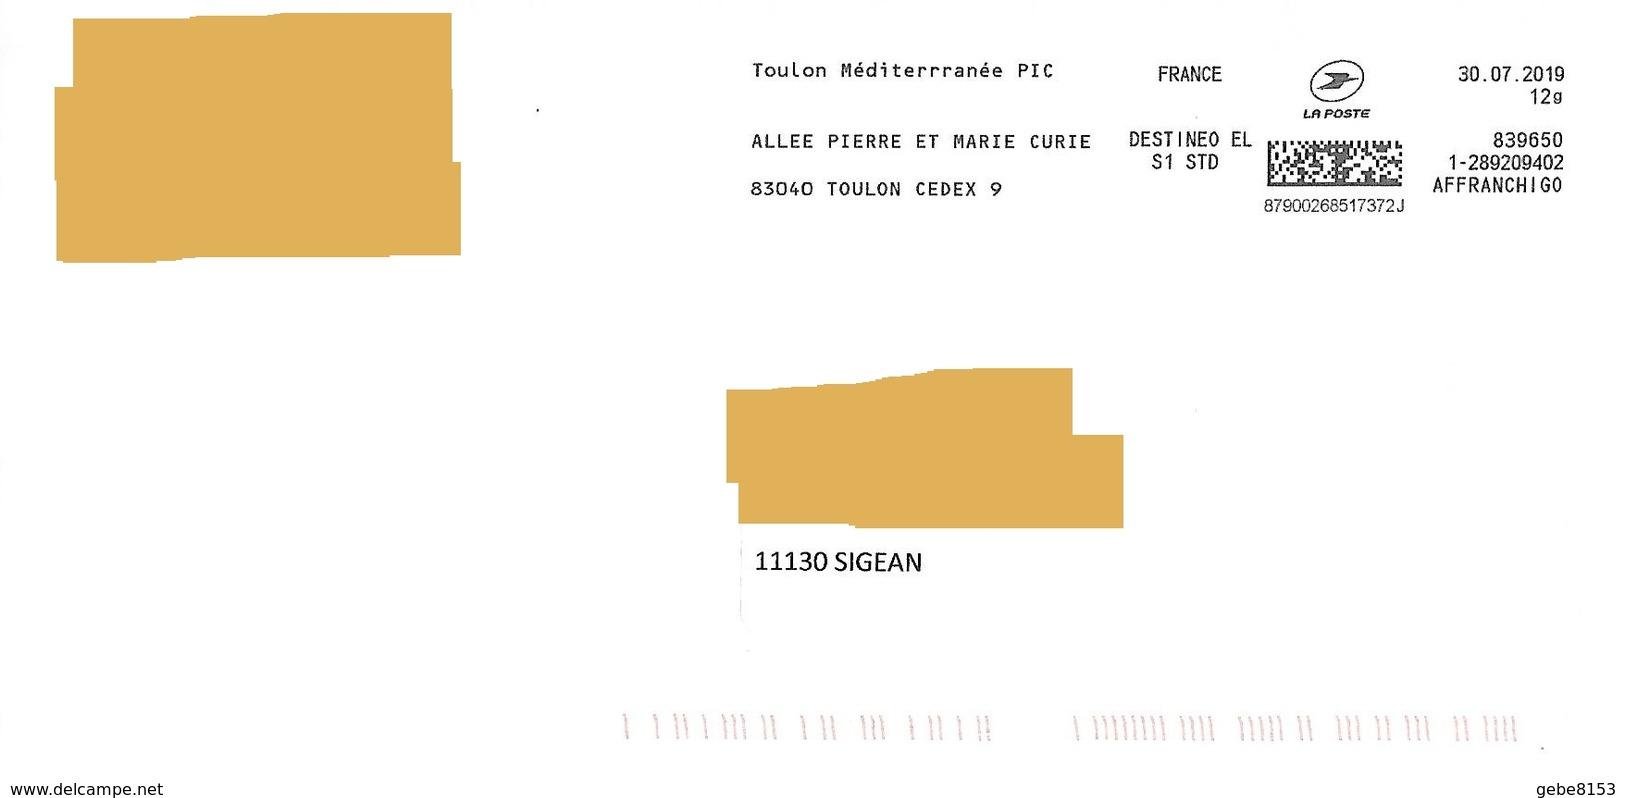 Affranchigo 12 Gr Destineo EL S1 STD Toulon Méditerranée Pic Pierre Et Marie Curie - Marcophilie (Lettres)